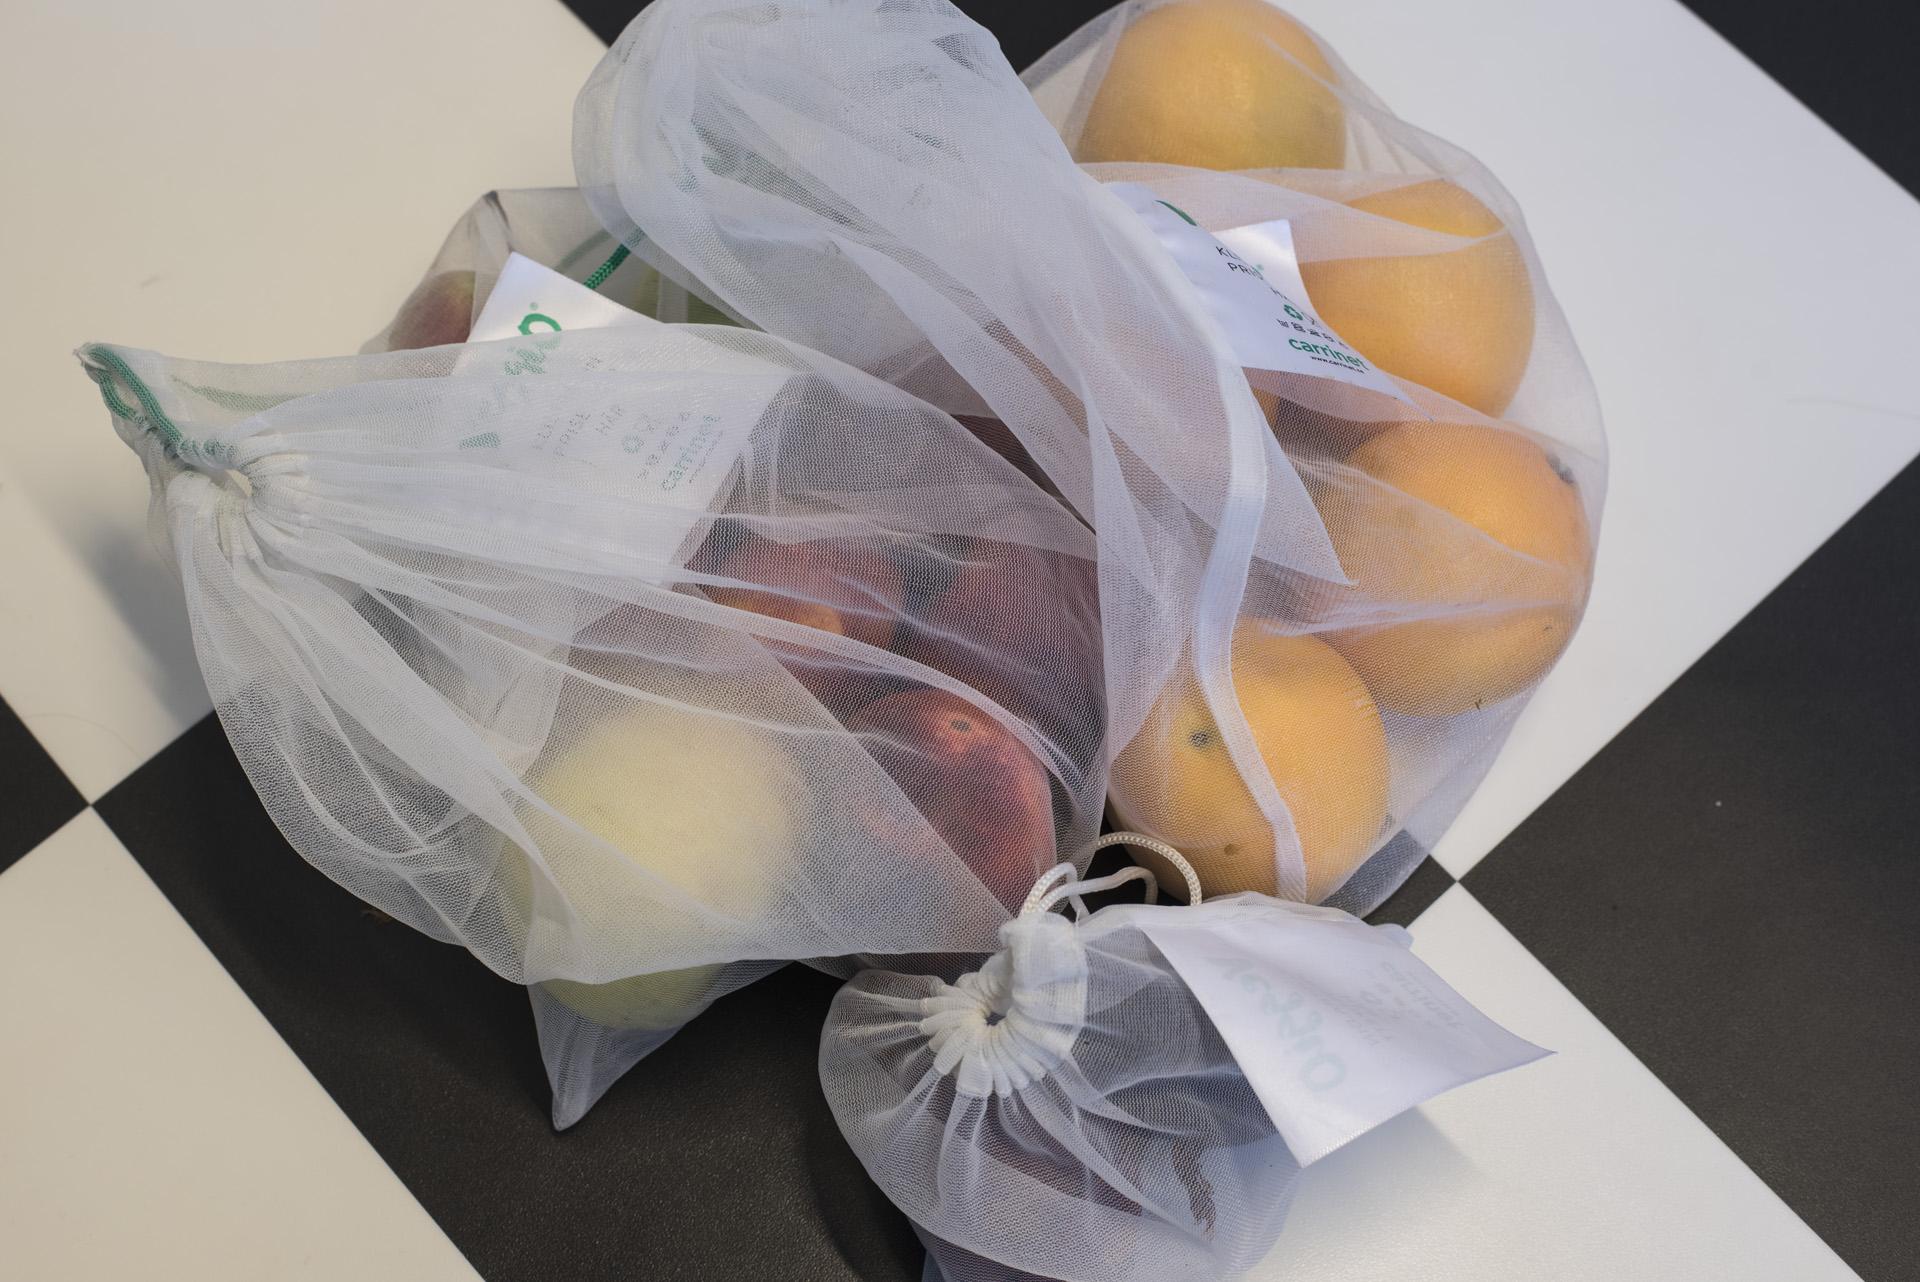 fruktpåsar